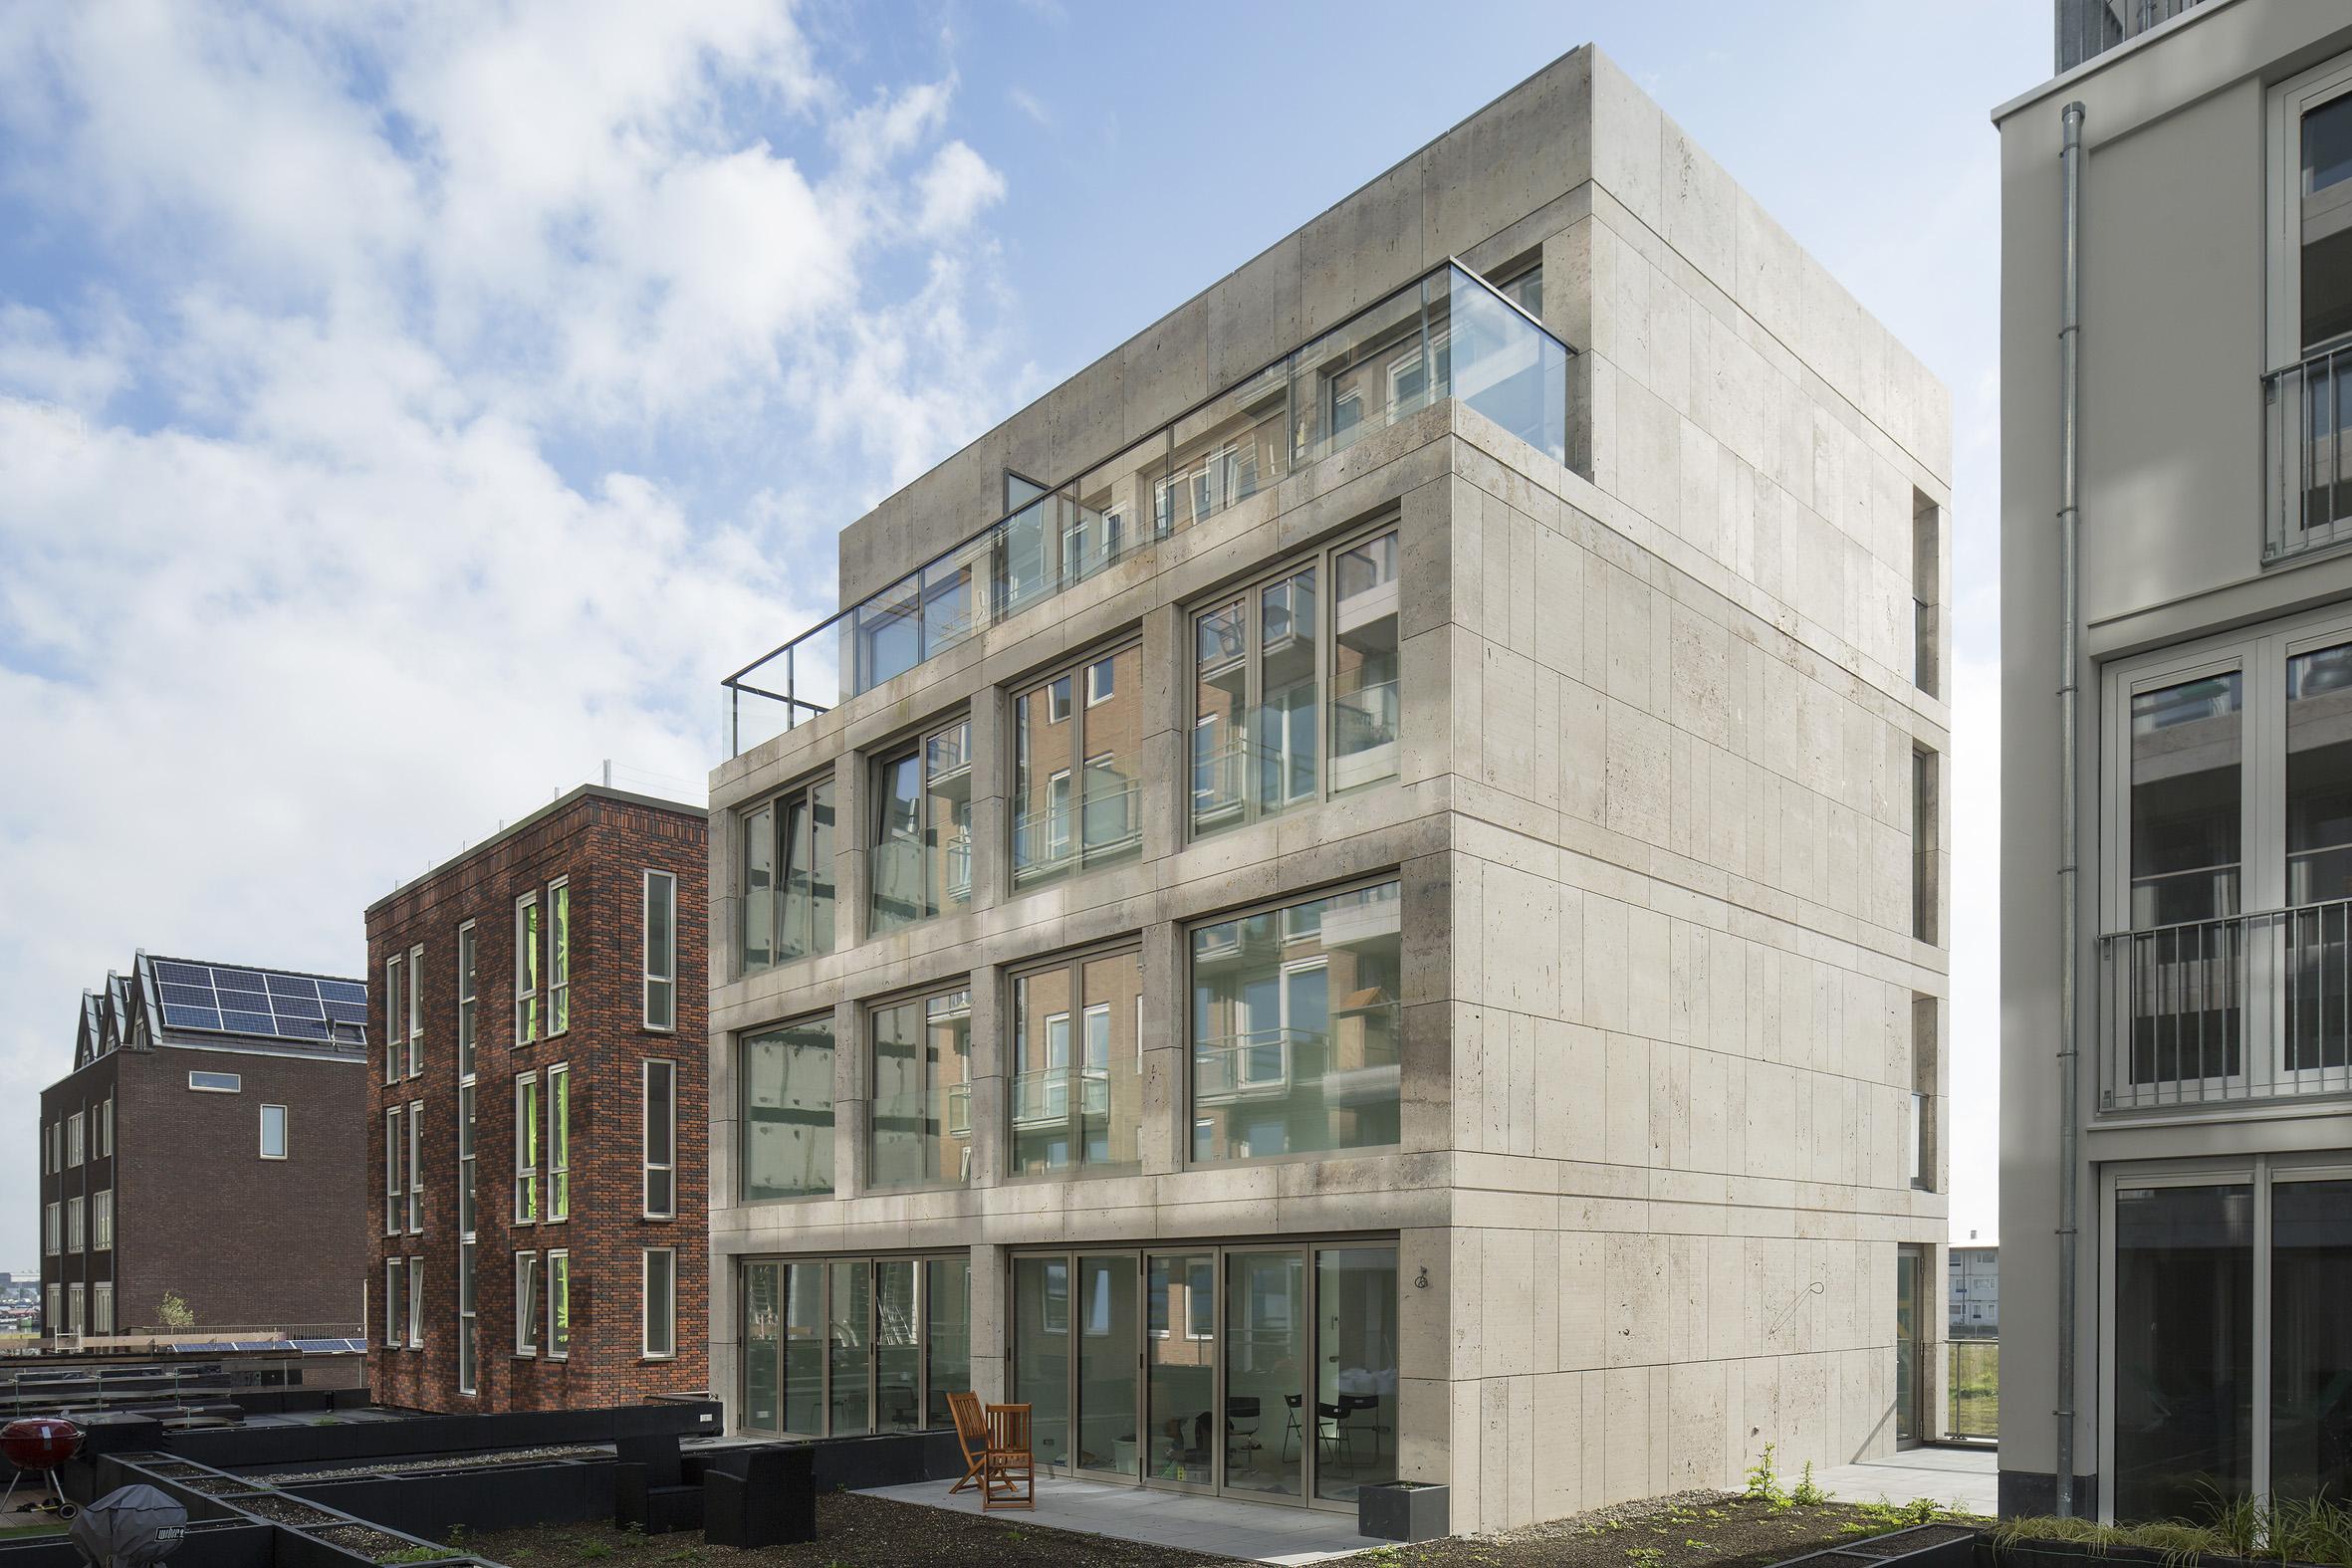 Atelier PUUUR BLOK herenhuis 2 kadewoning BLOK0 Houthaven Amsterdam CO zelfbouw